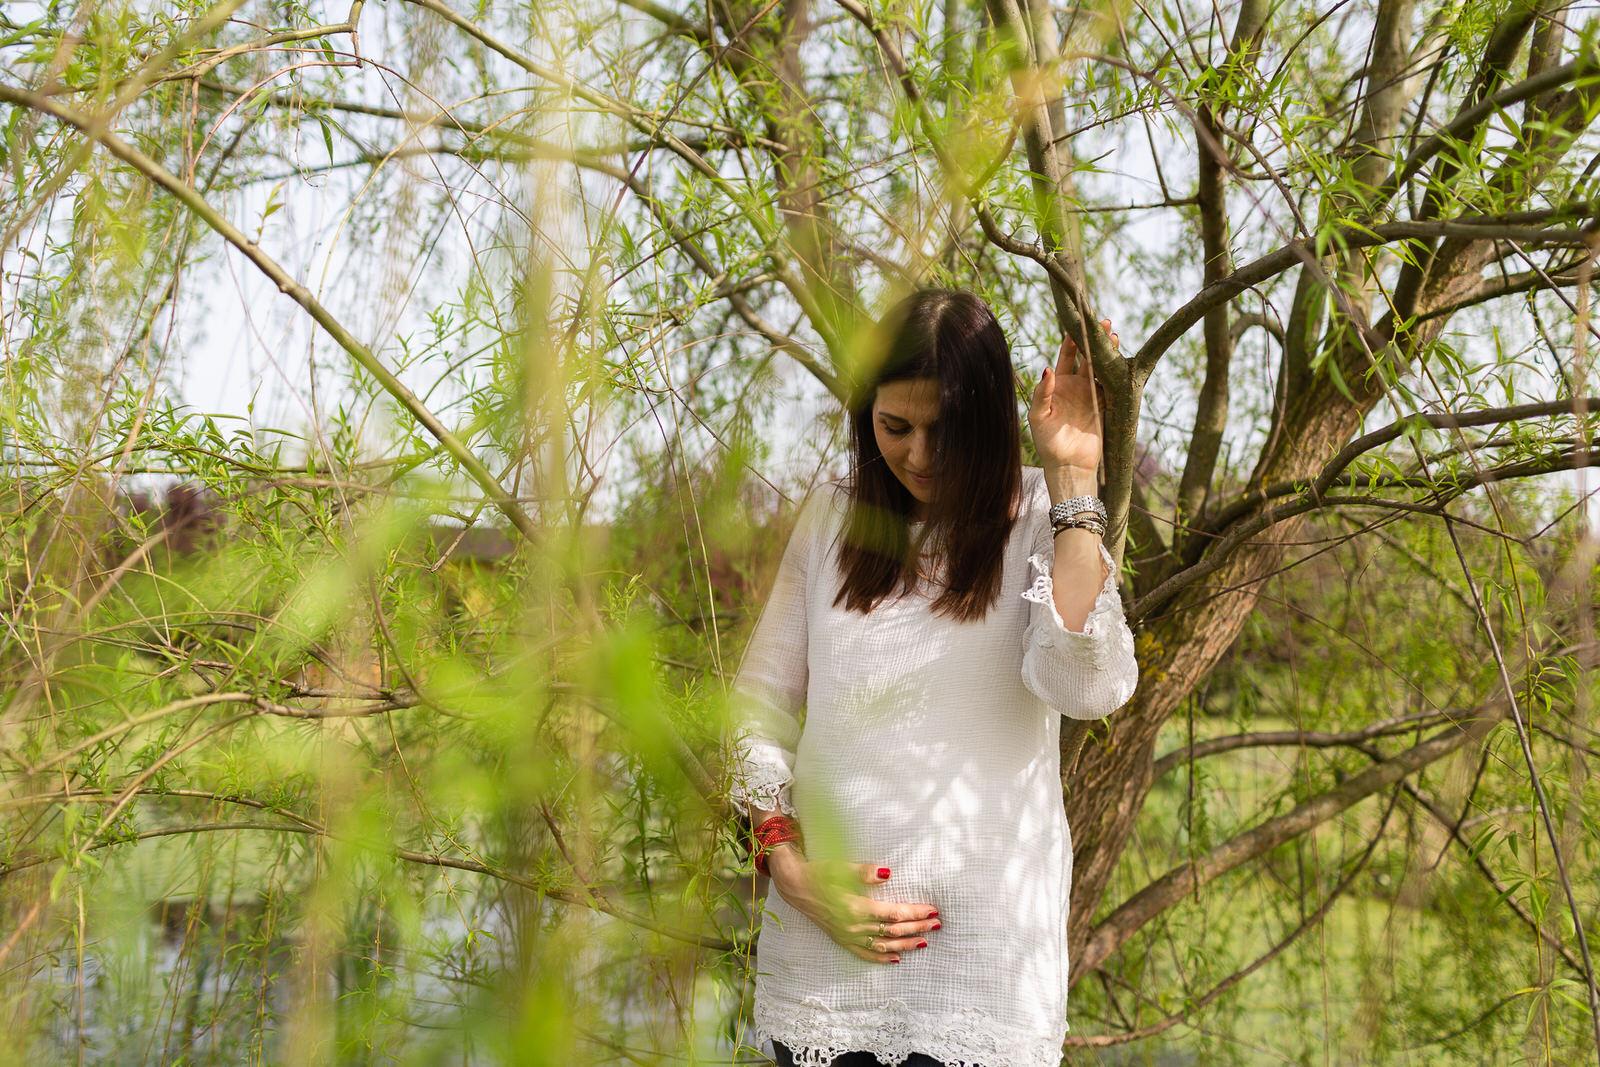 fotografa-gravidanza-famiglie-bambini-morciano-di-romagna-cinzia-costanzo